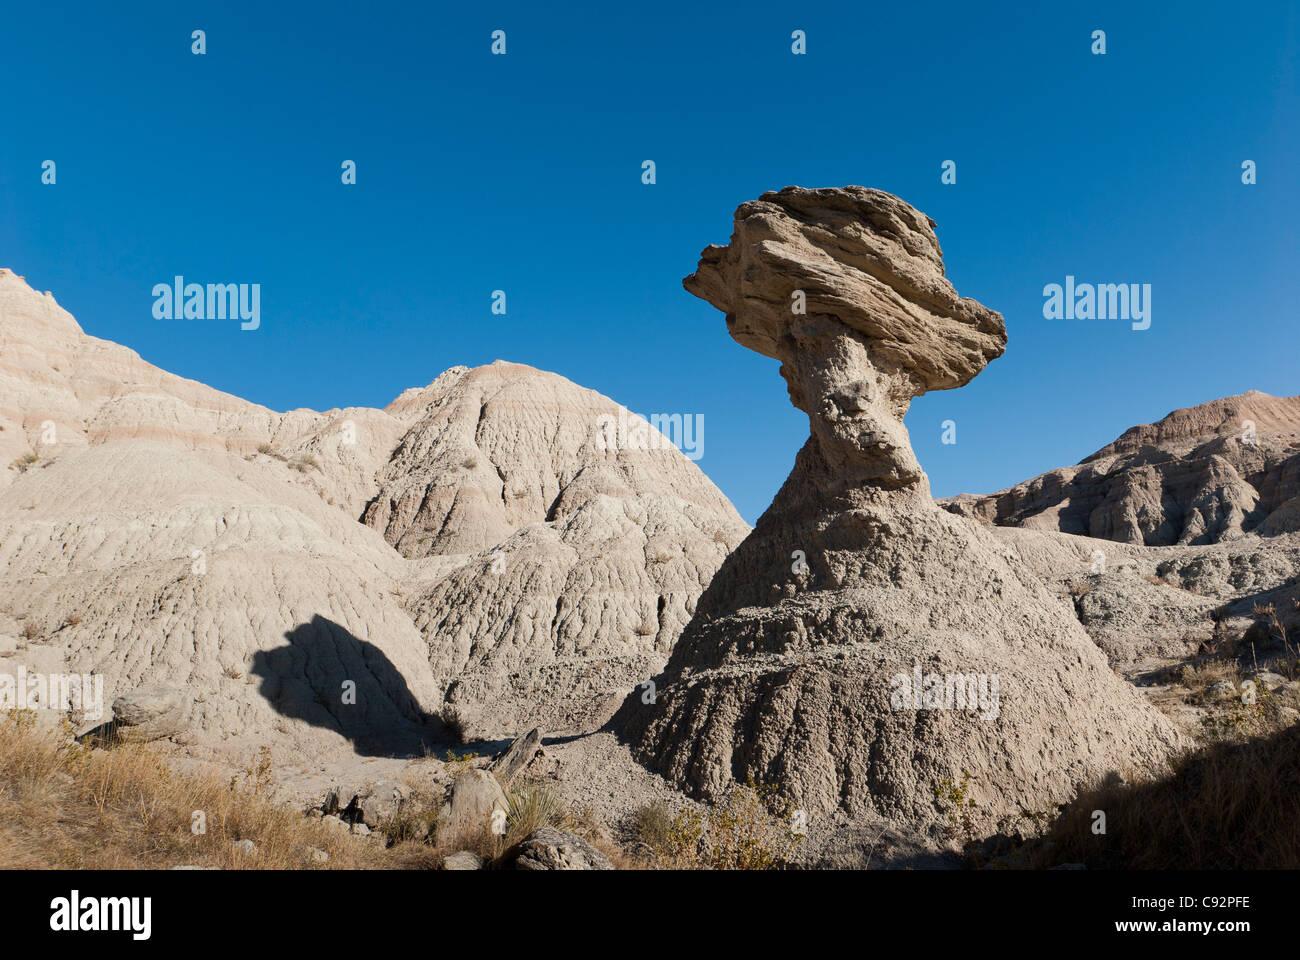 Balancing rock, Badlands National Park, South Dakota. Stock Photo